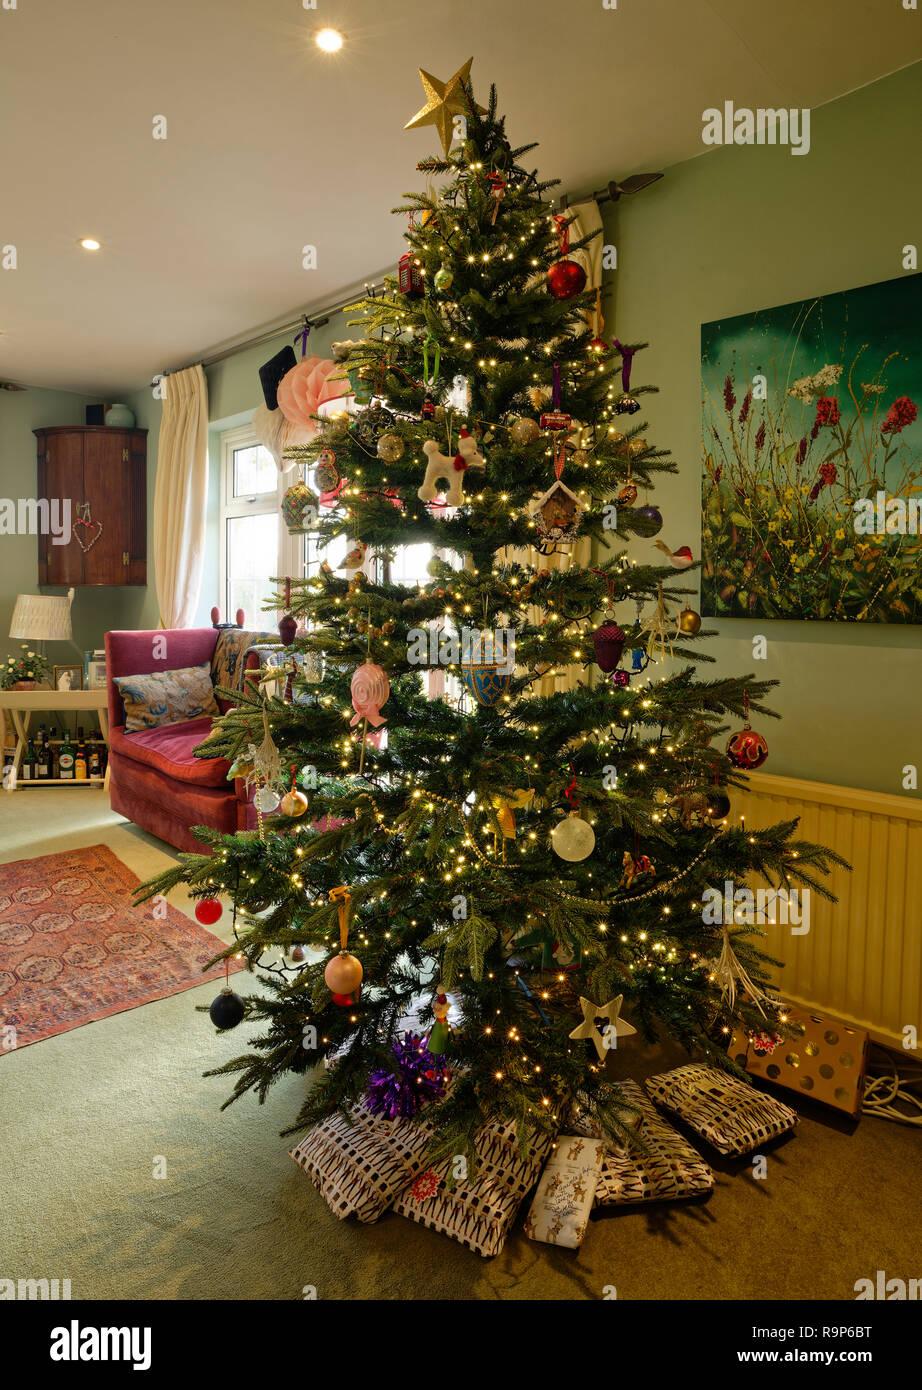 Albero Di Natale In Inglese.Decorate E Albero Di Natale Illuminato In Una Casa Inglese Presenta Al Di Sotto Foto Stock Alamy